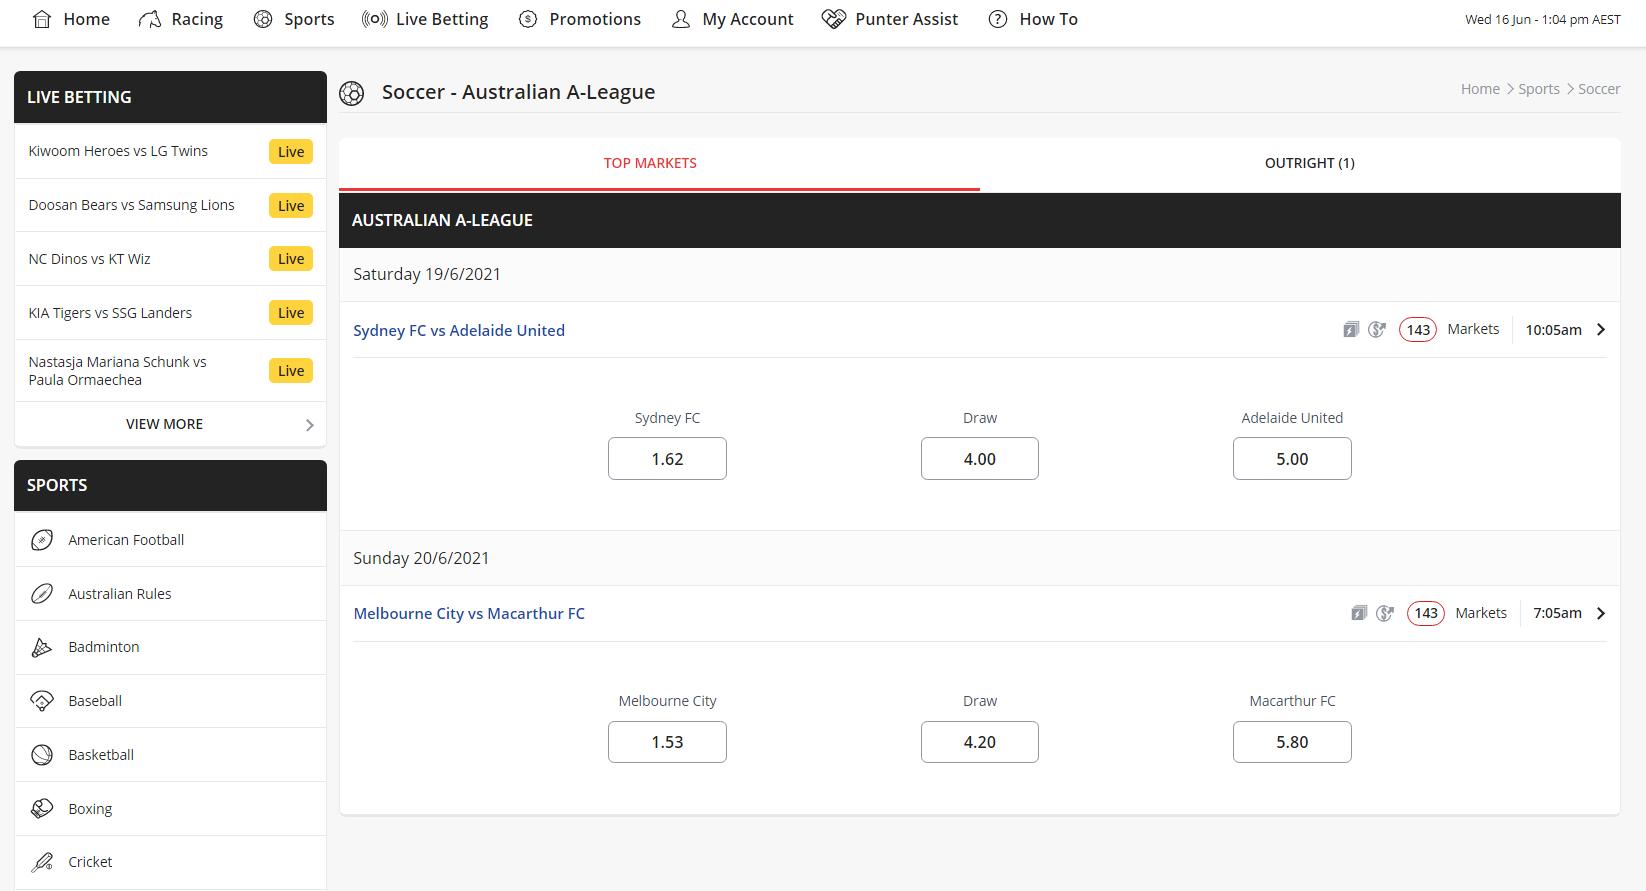 Australian soccer betting sites - Ladbrokes markets